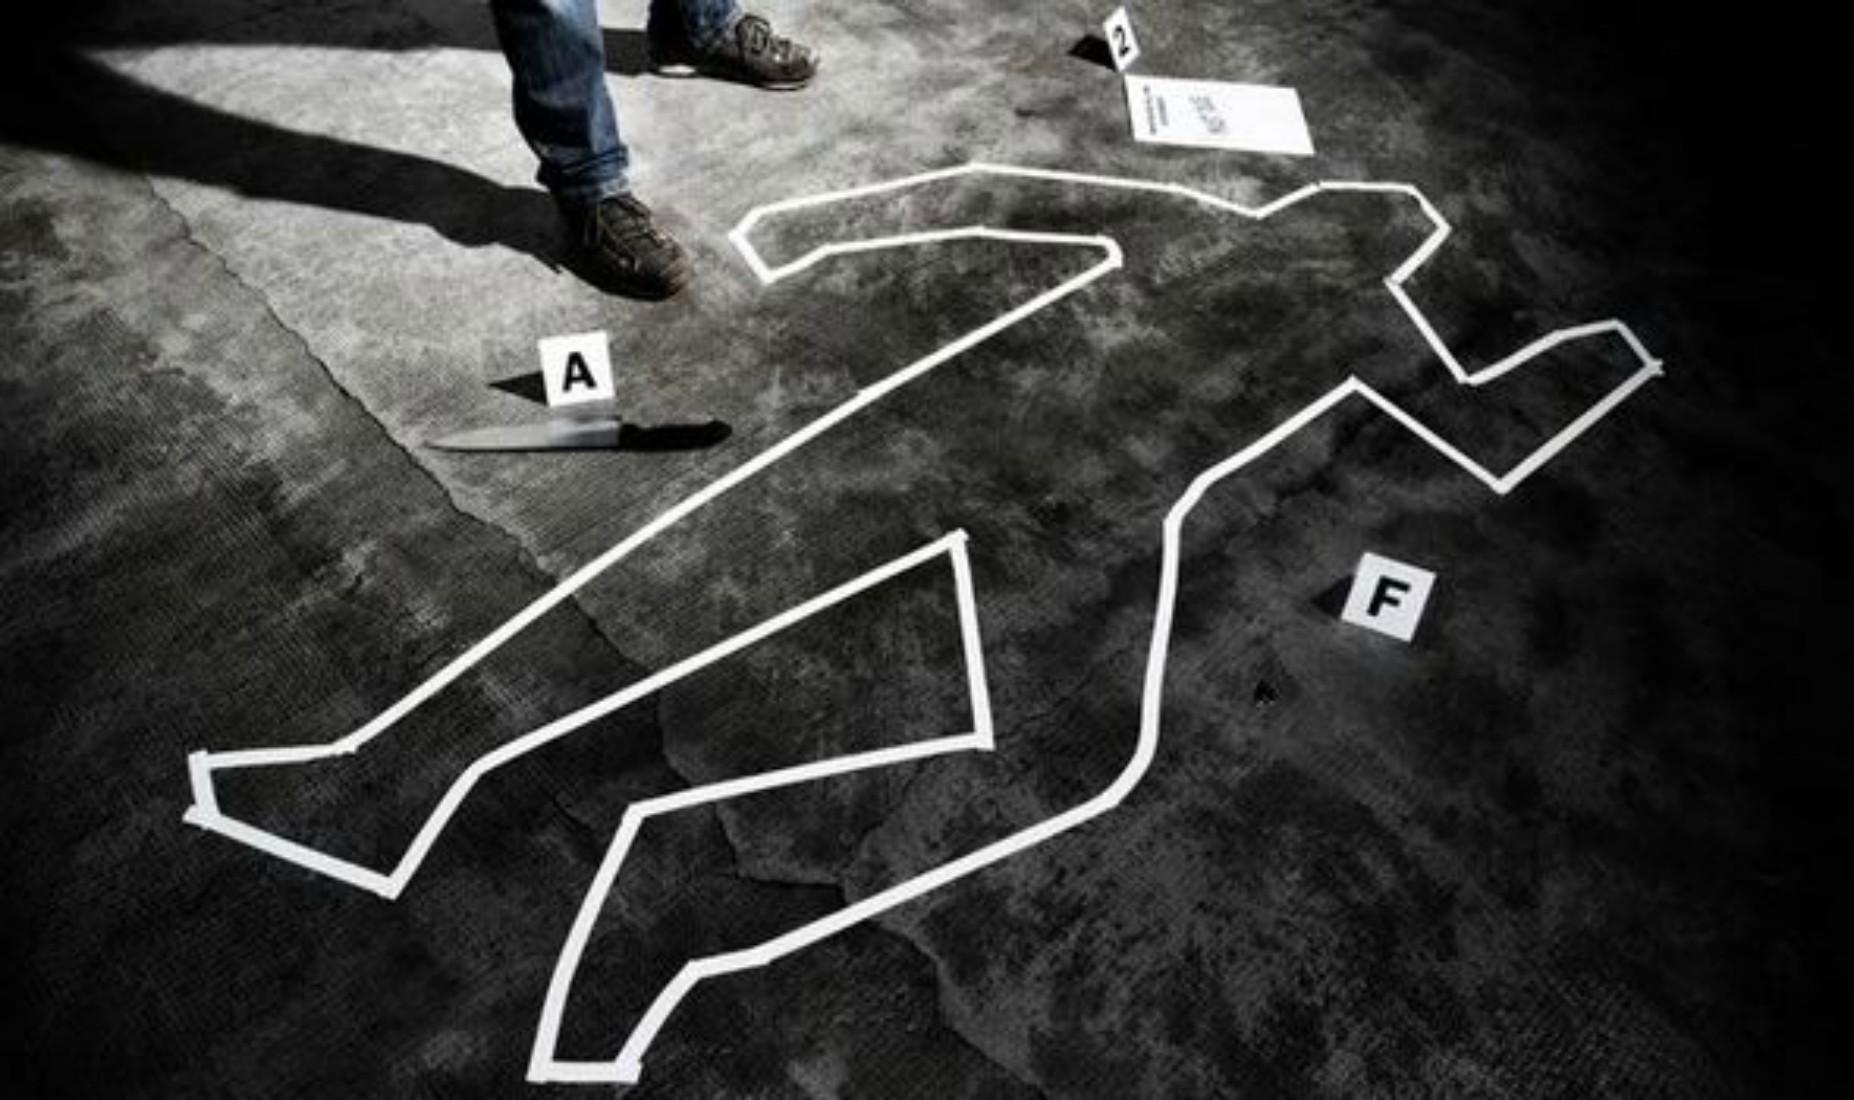 Kriminalna dejanja zadnjega tedna